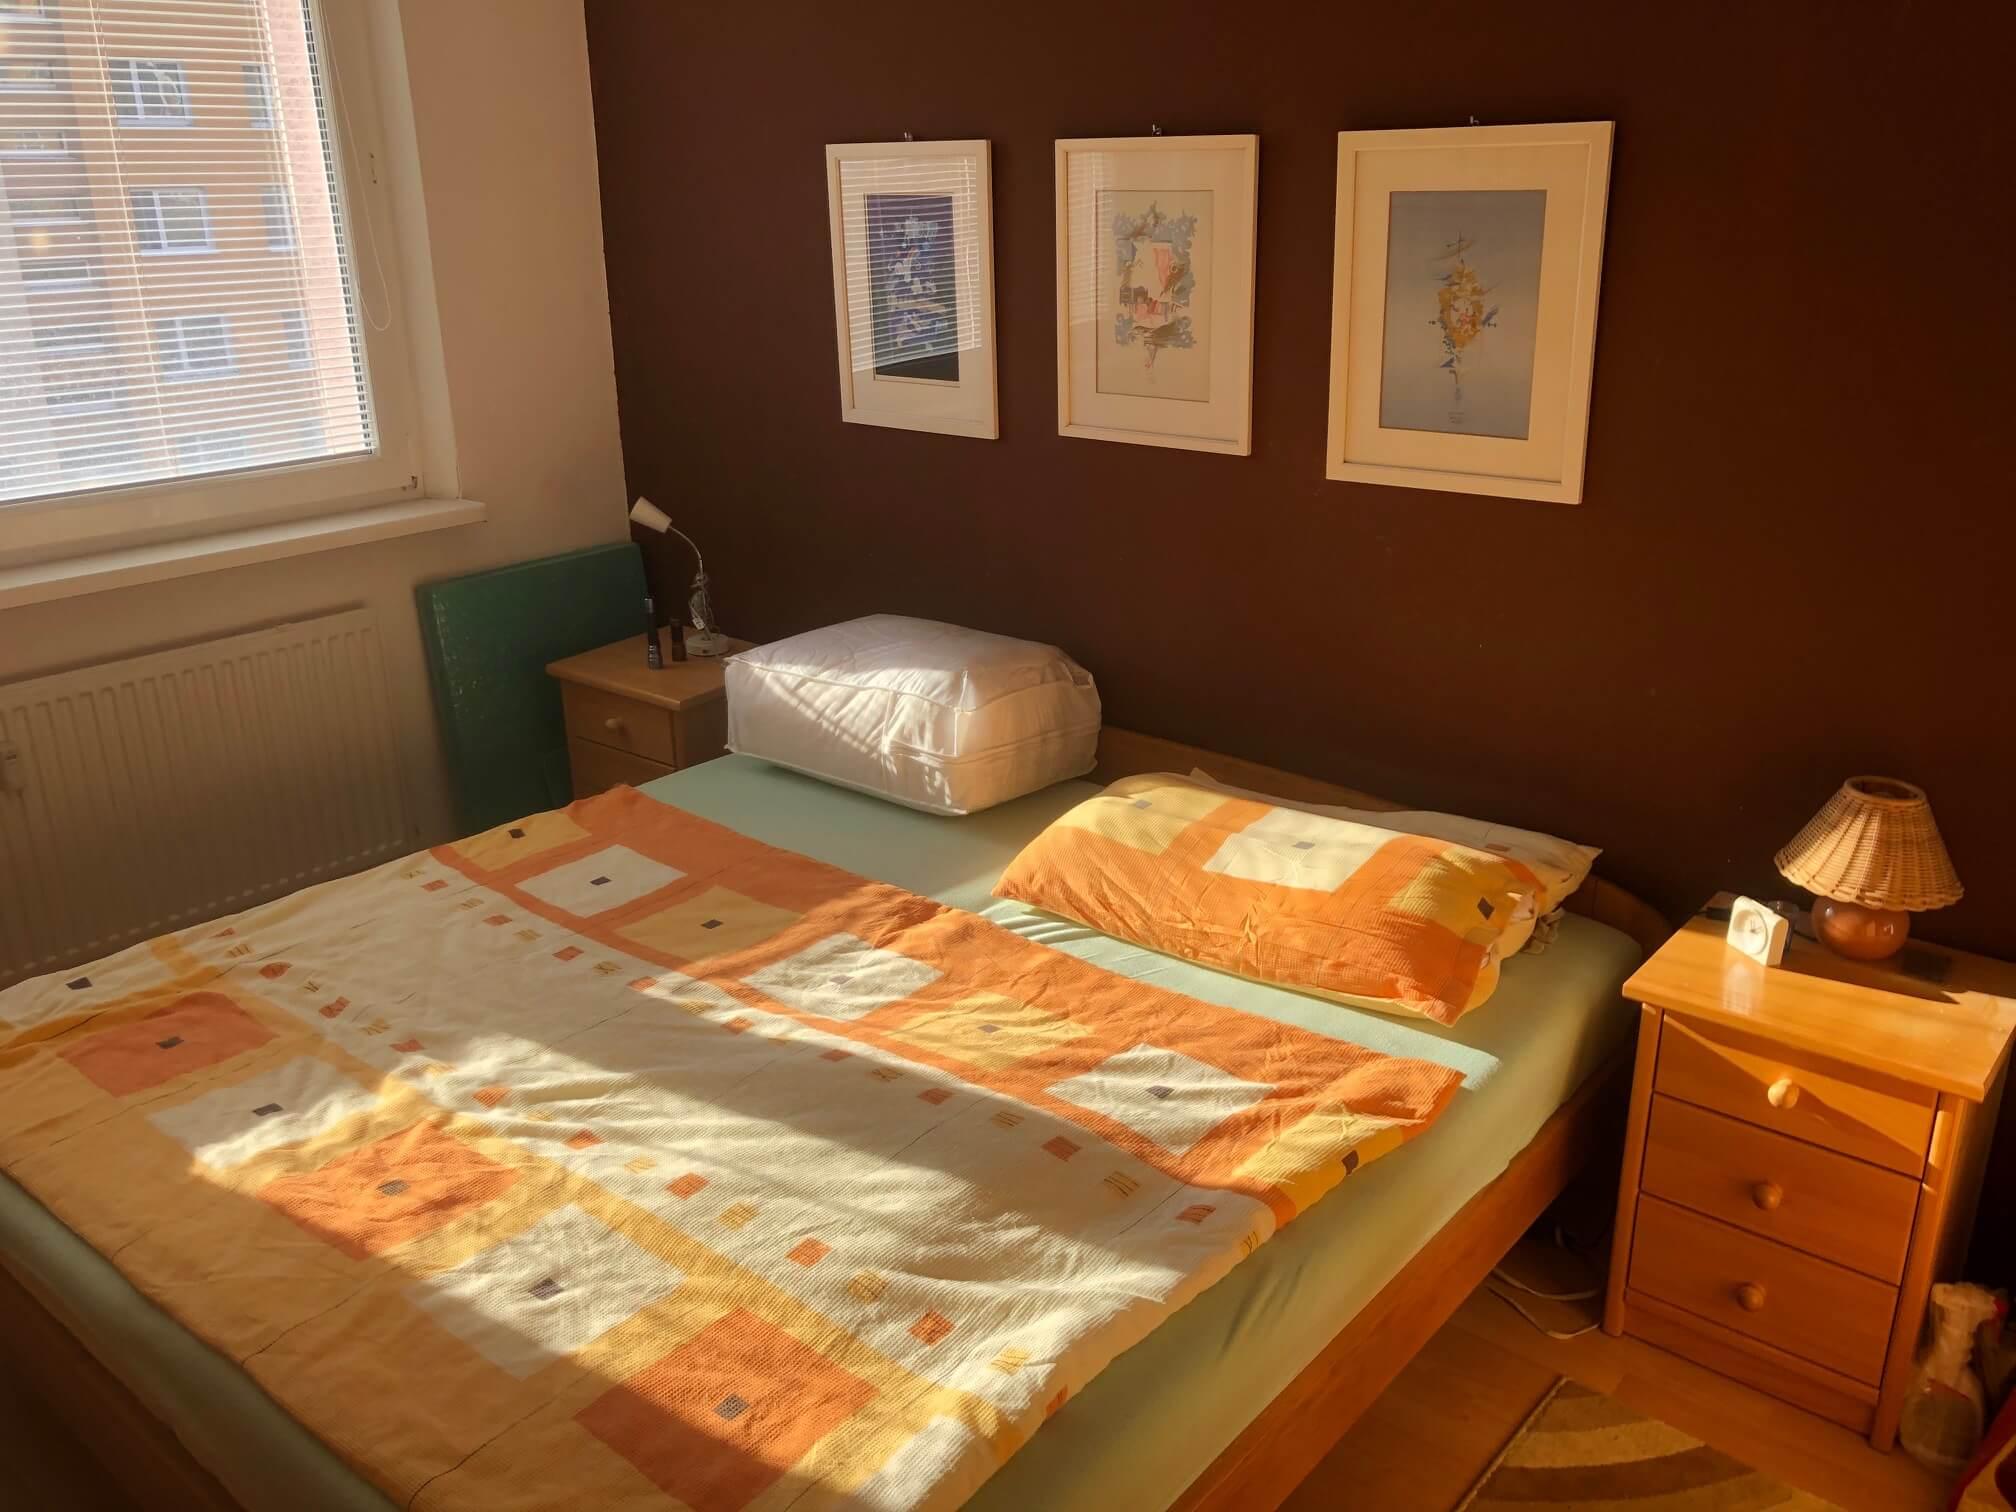 Predané: Exkluzívne na predaj 3 izbový byt, Devínska Nová Ves, Jána Poničana 3, 65m2, balkon 4m2,klimatizácia-29